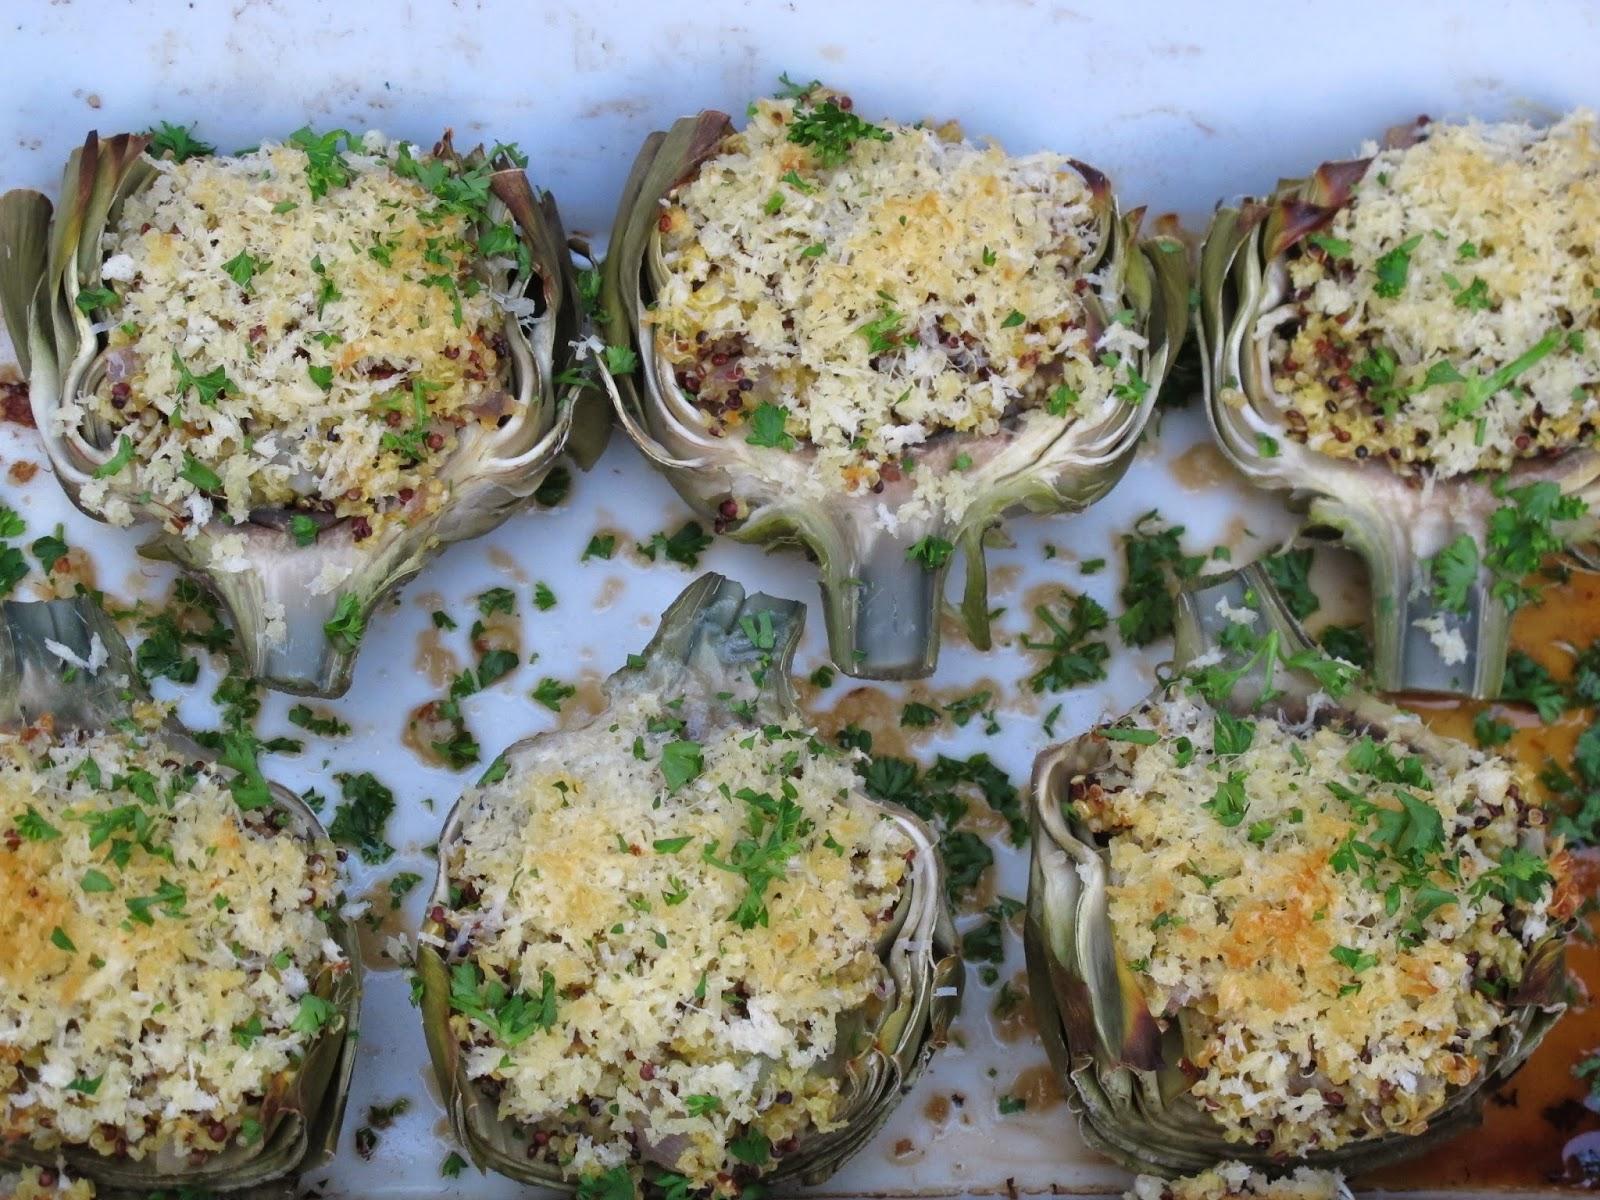 Quinoa-Stuffed Artichokes